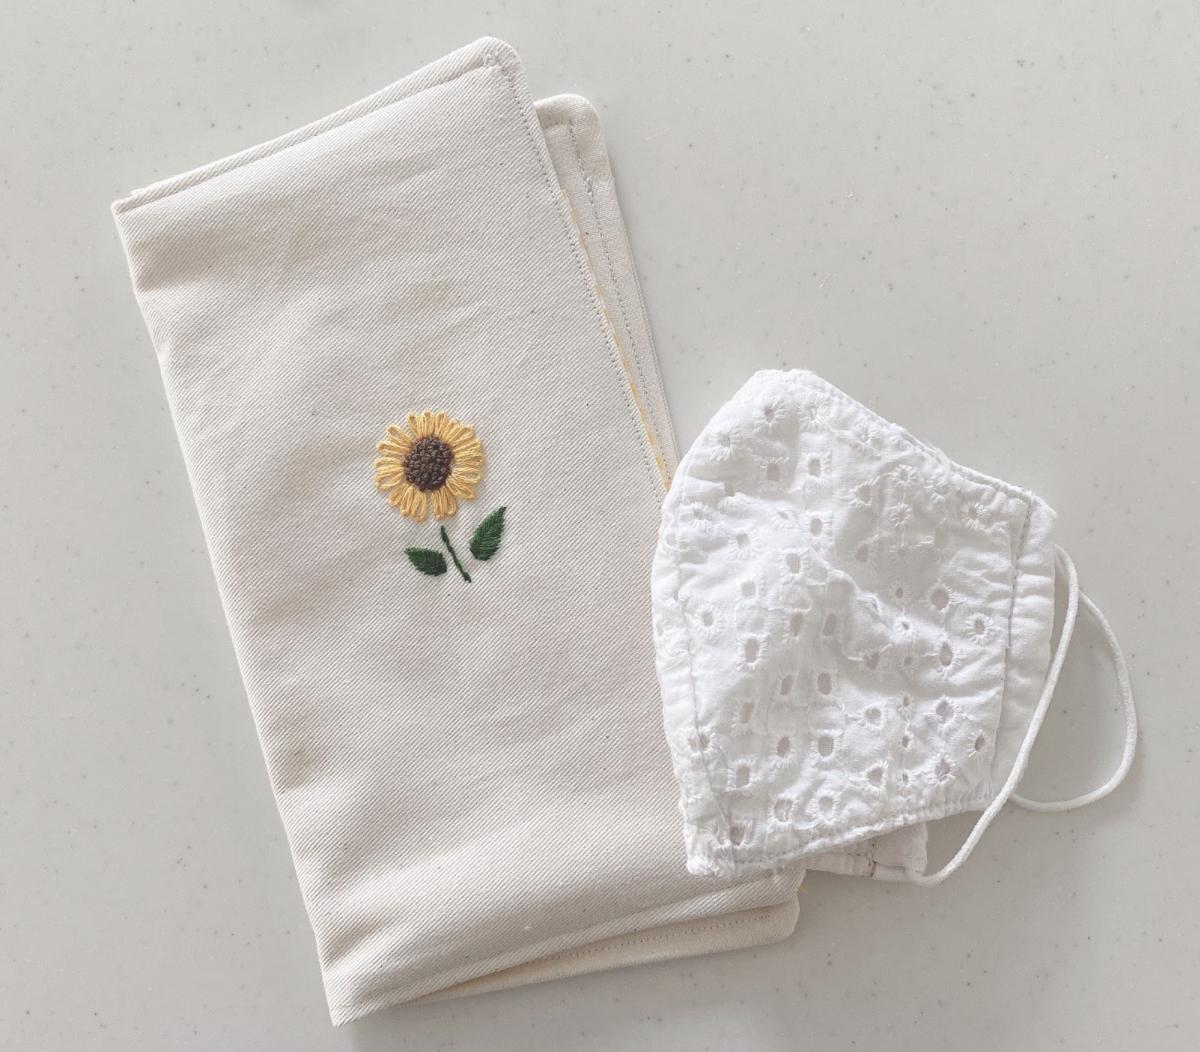 おしゃれでかわいい「ひまわり刺繍ポケット付マスクケース・仮置きケース」